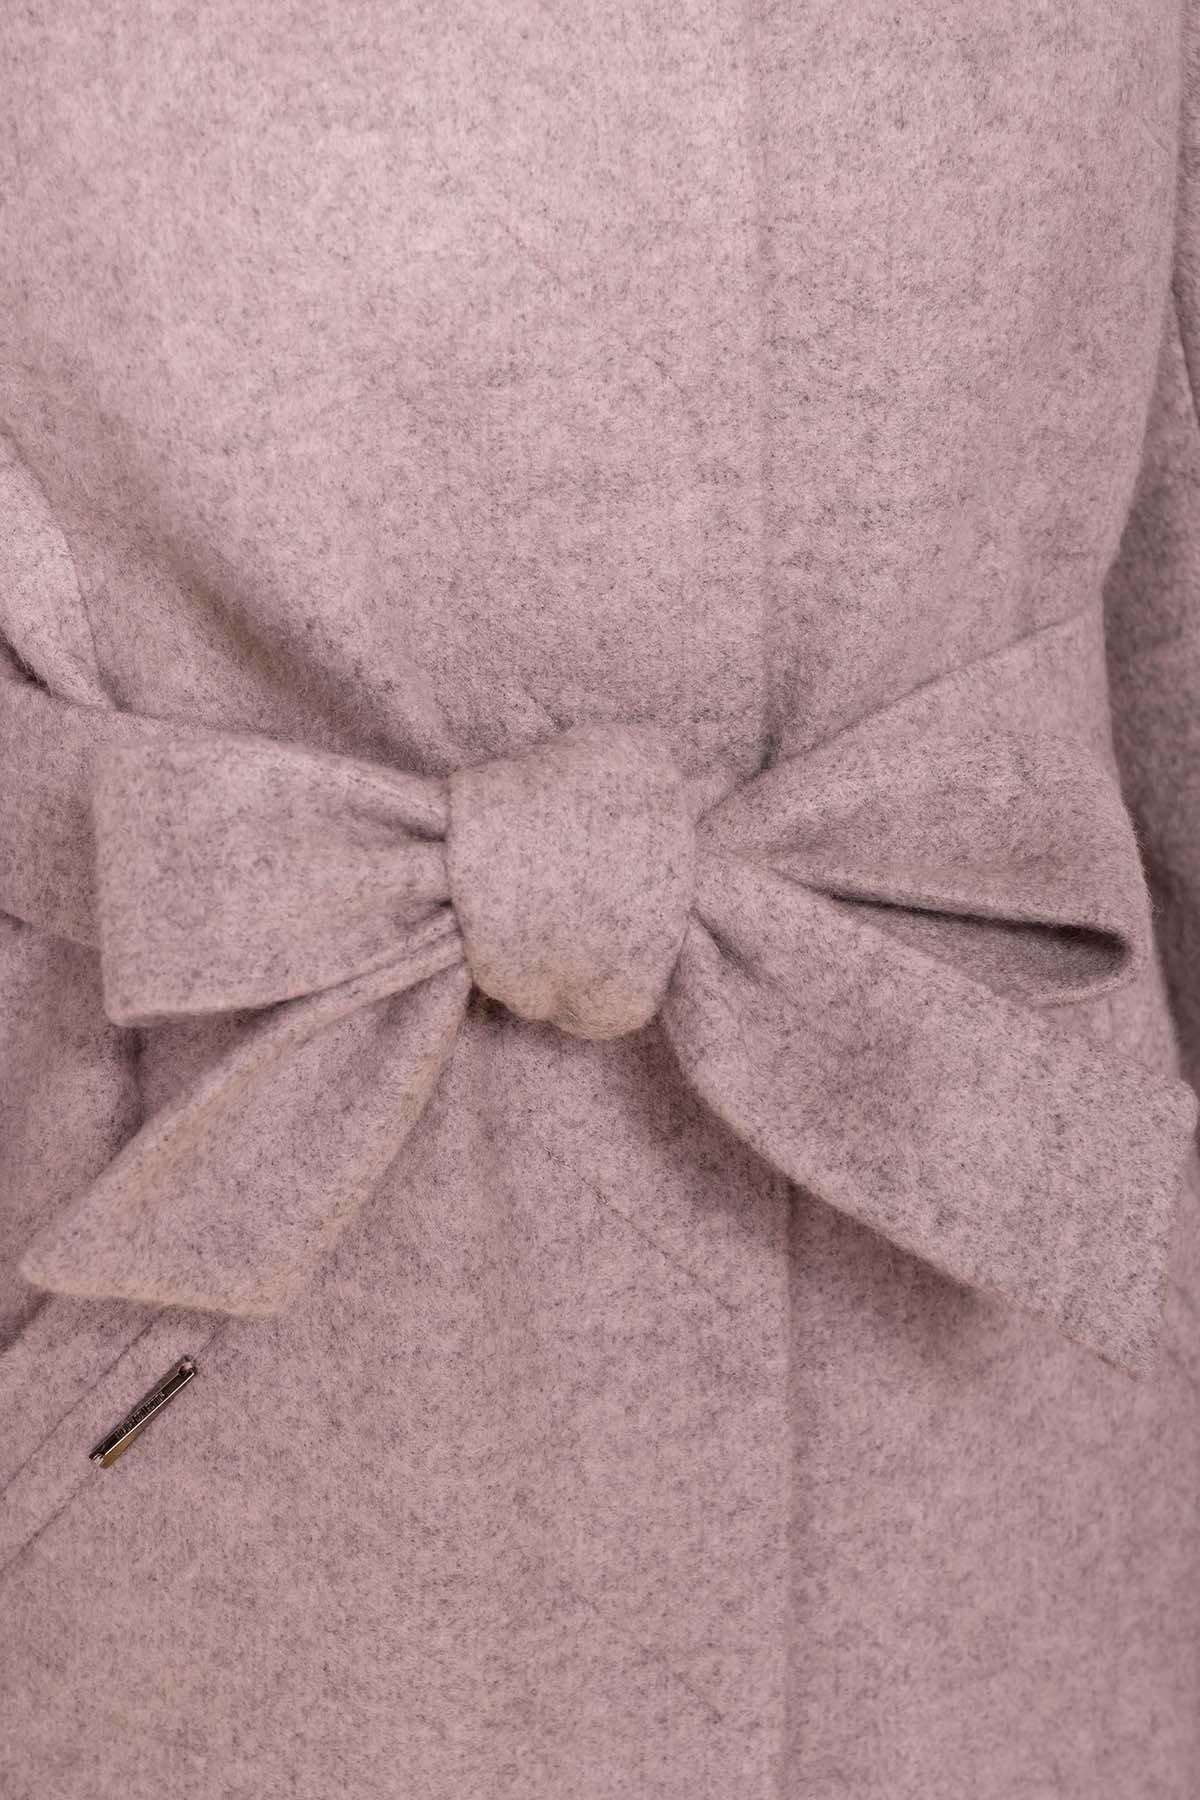 Пальто Люцея лайт 6180 АРТ. 40894 Цвет: Бежевый 31 - фото 6, интернет магазин tm-modus.ru